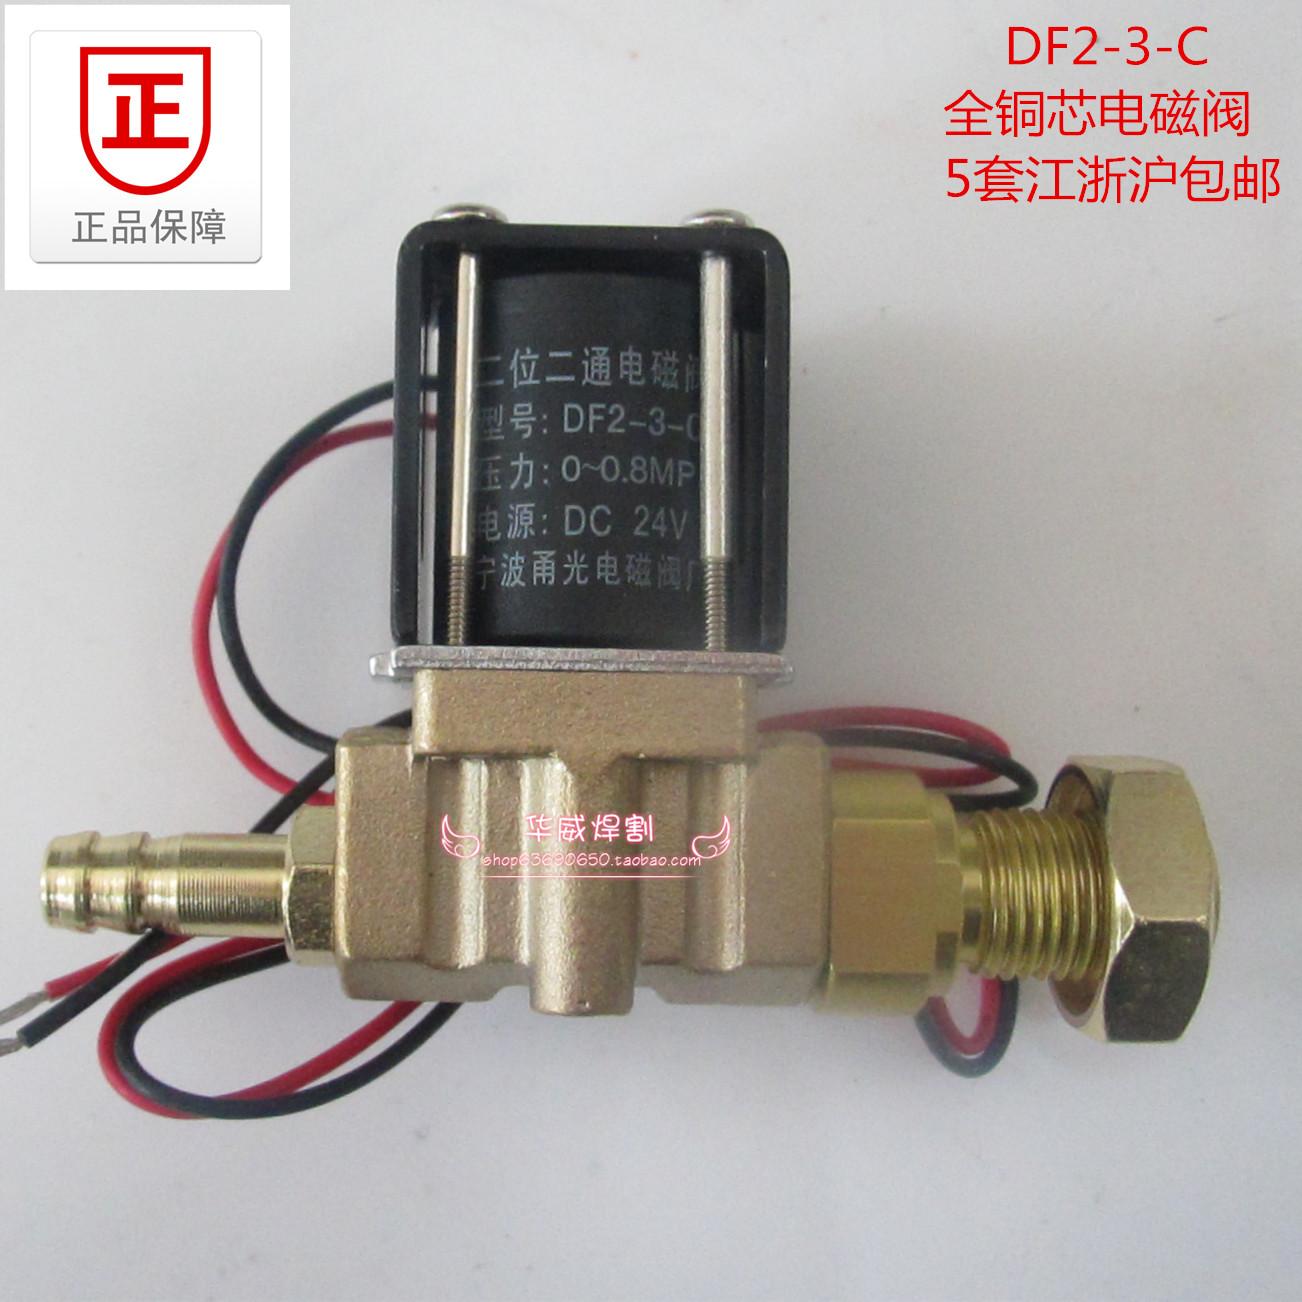 二位二通 宁波甬光全铜芯 焊机电磁阀 送丝机电磁阀 df2-3-c商品图片图片